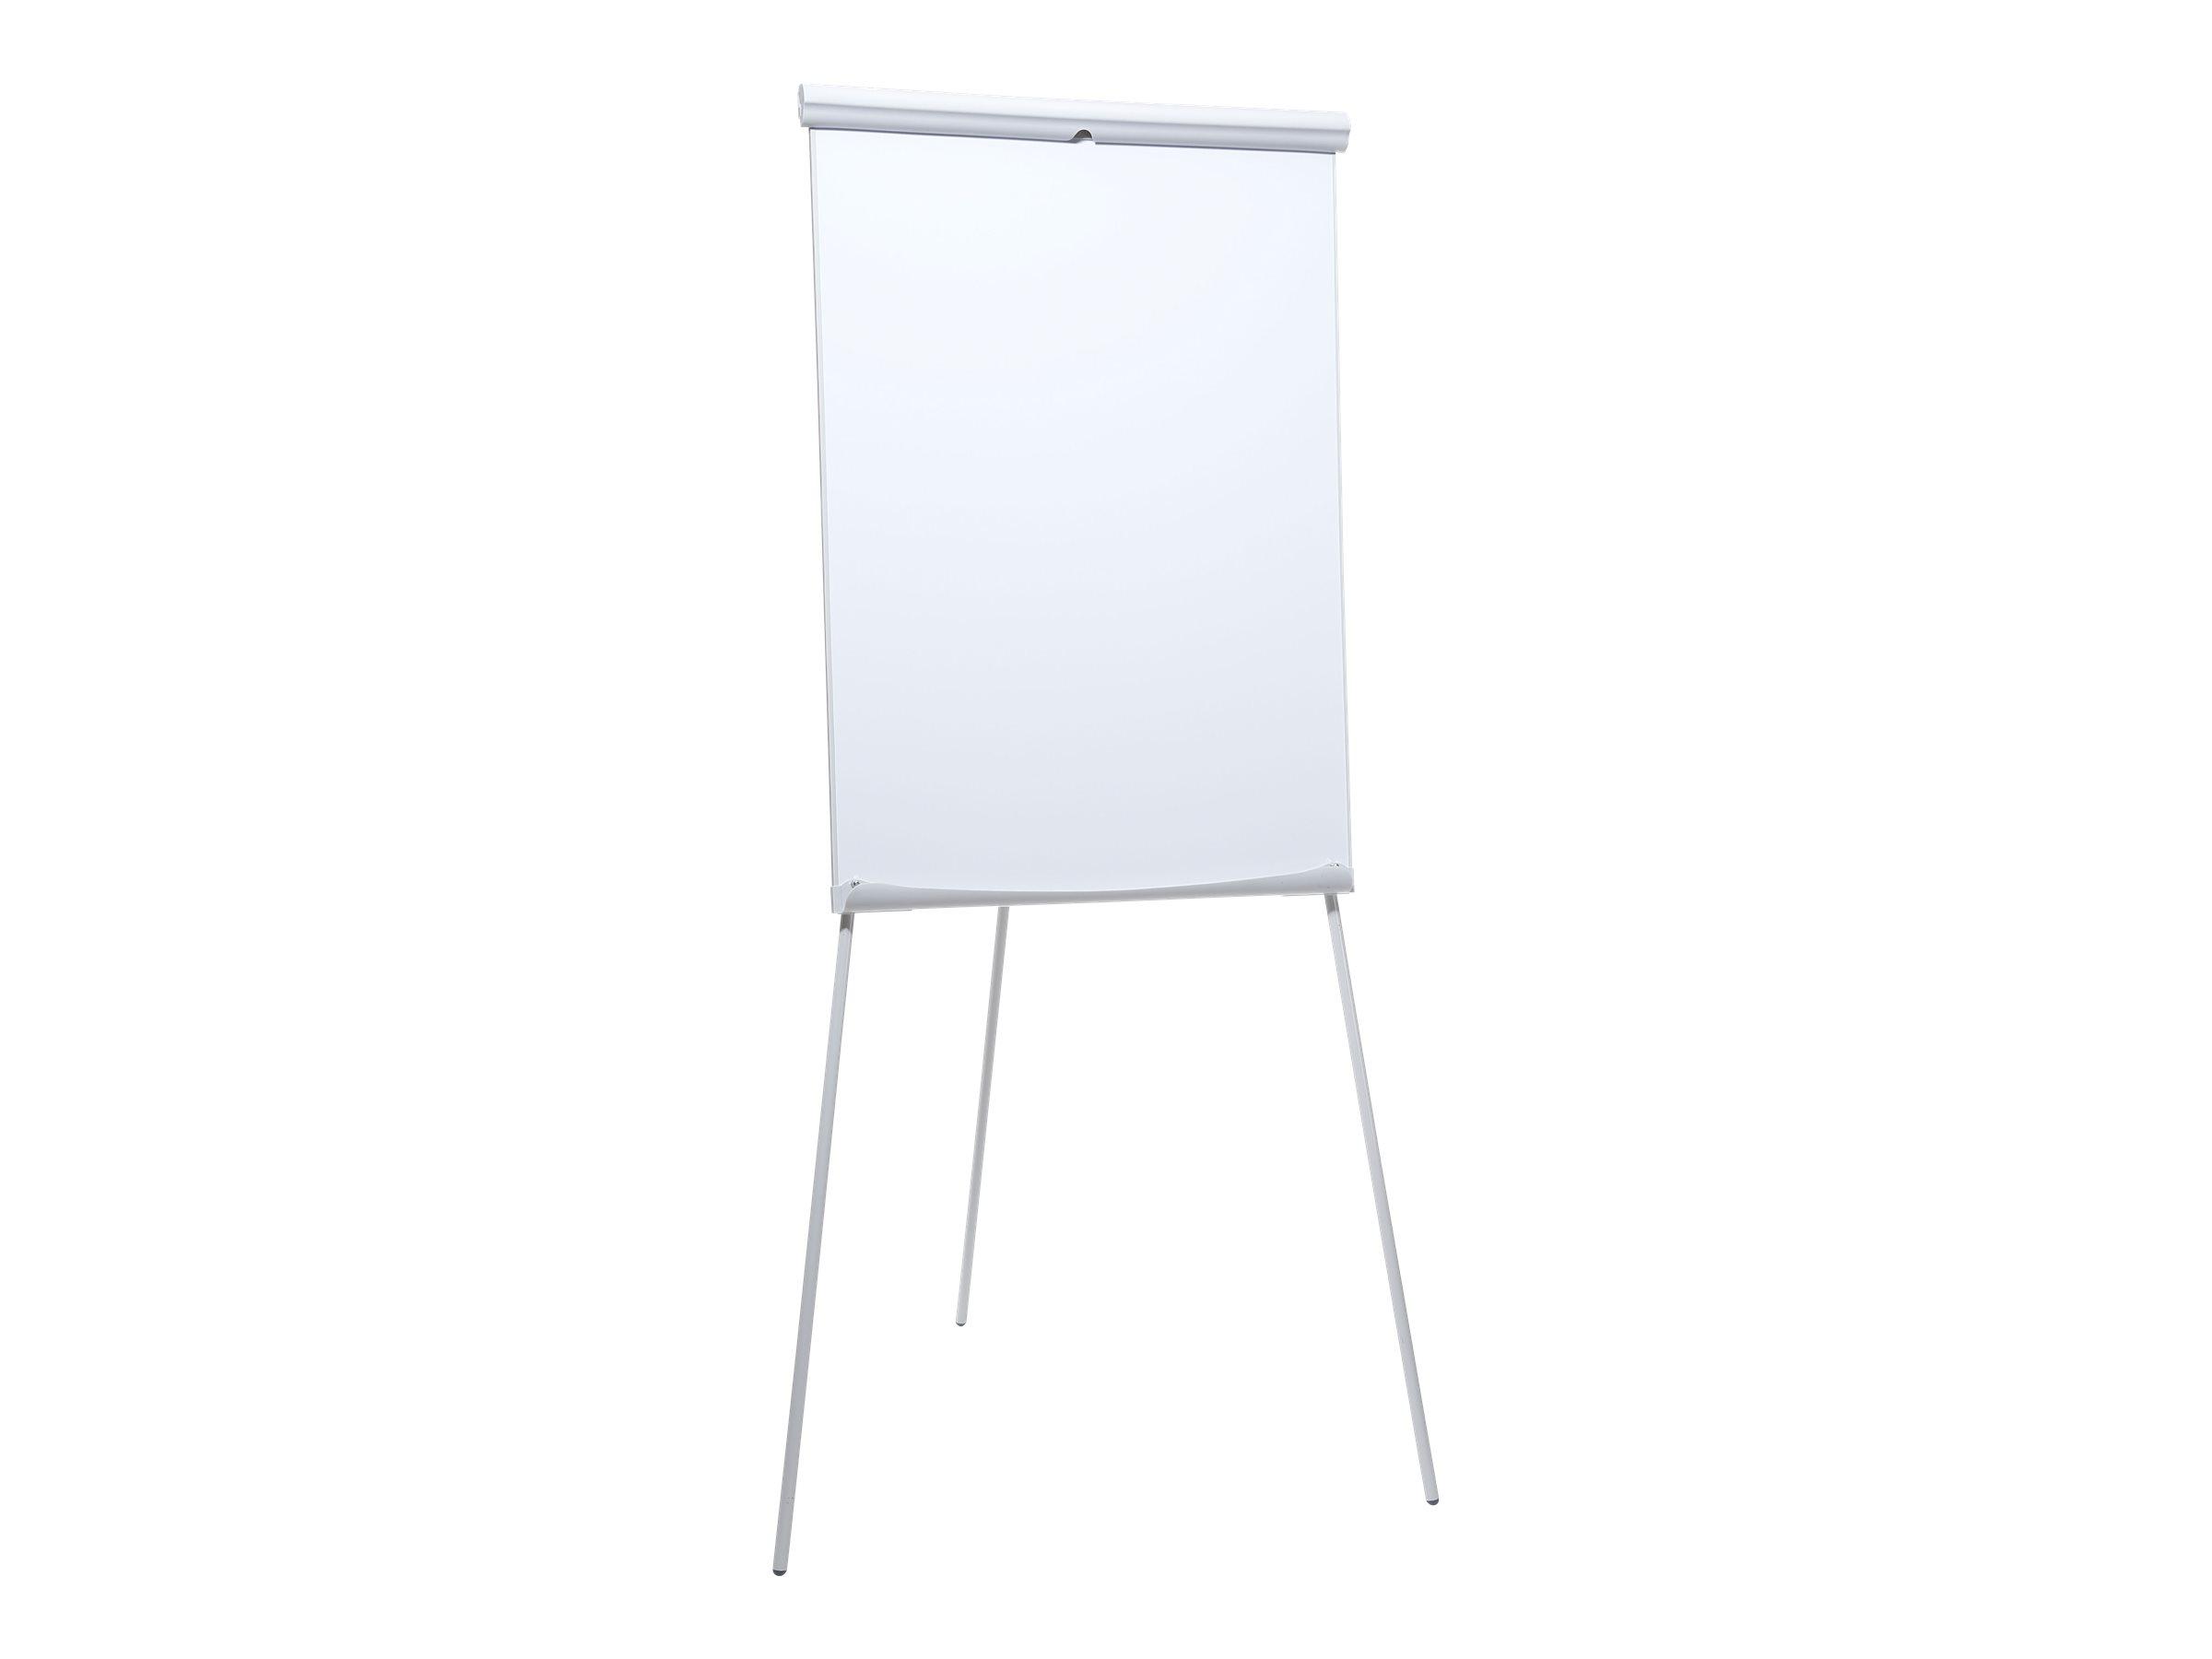 DAHLE - Chevalet de conférence - métallique magnétique - 68 x 92 cm - laqué - 3 pieds